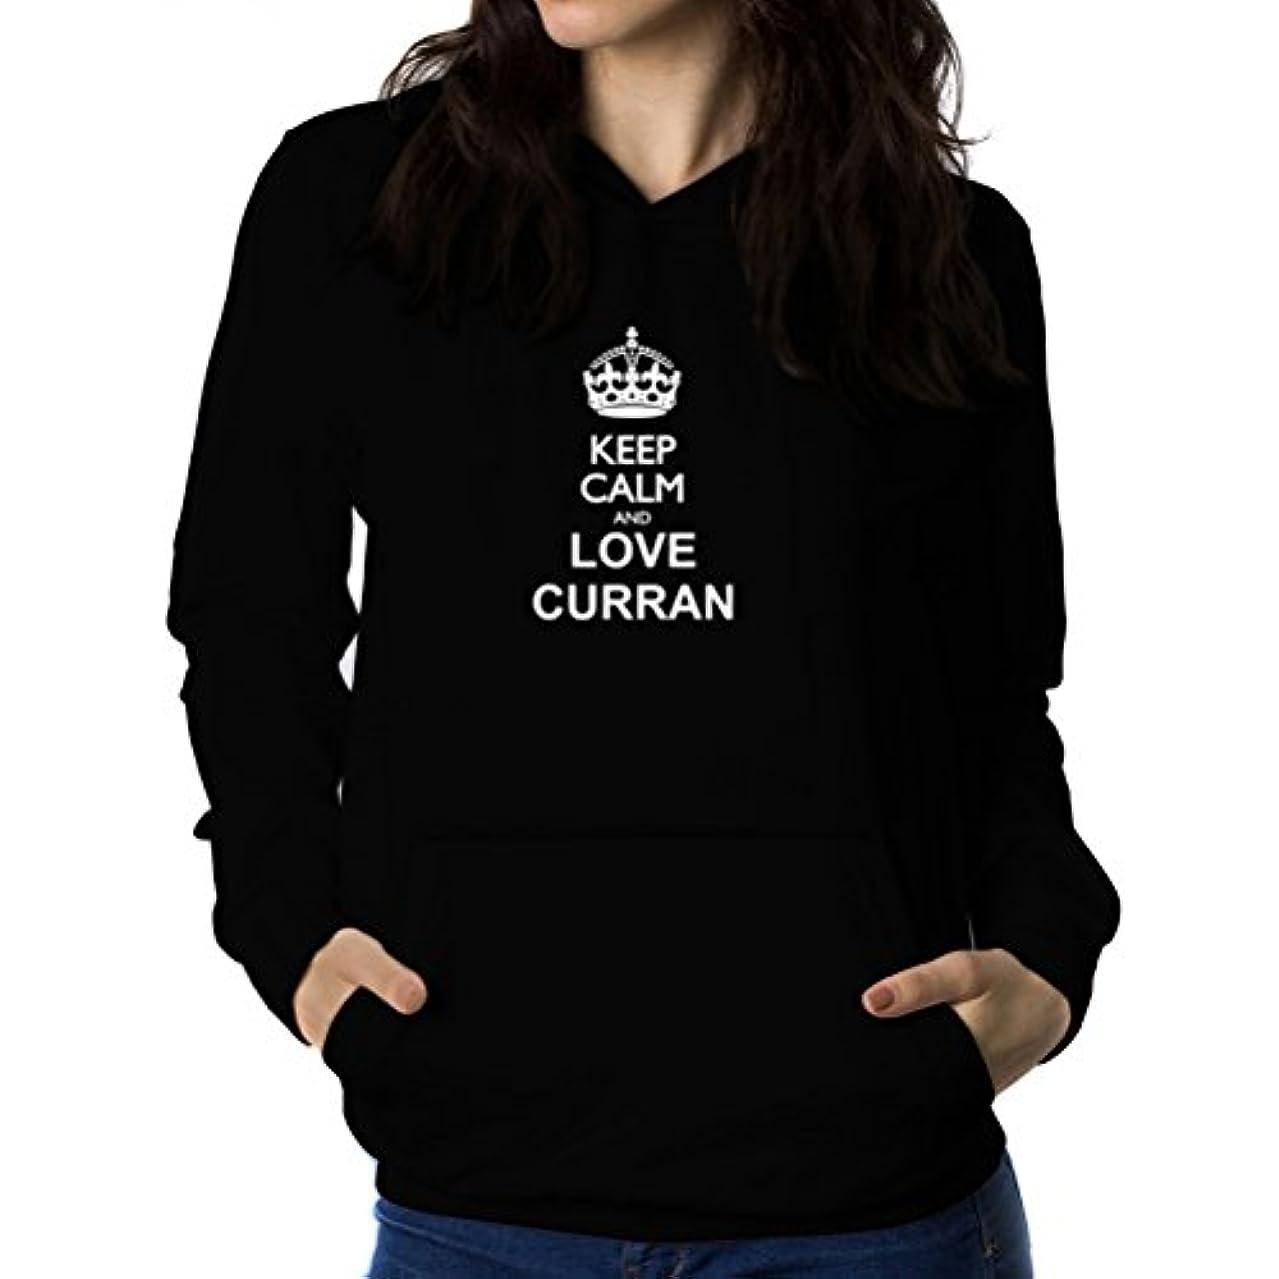 しかし無限木曜日Keep calm and love Curran 女性 フーディー